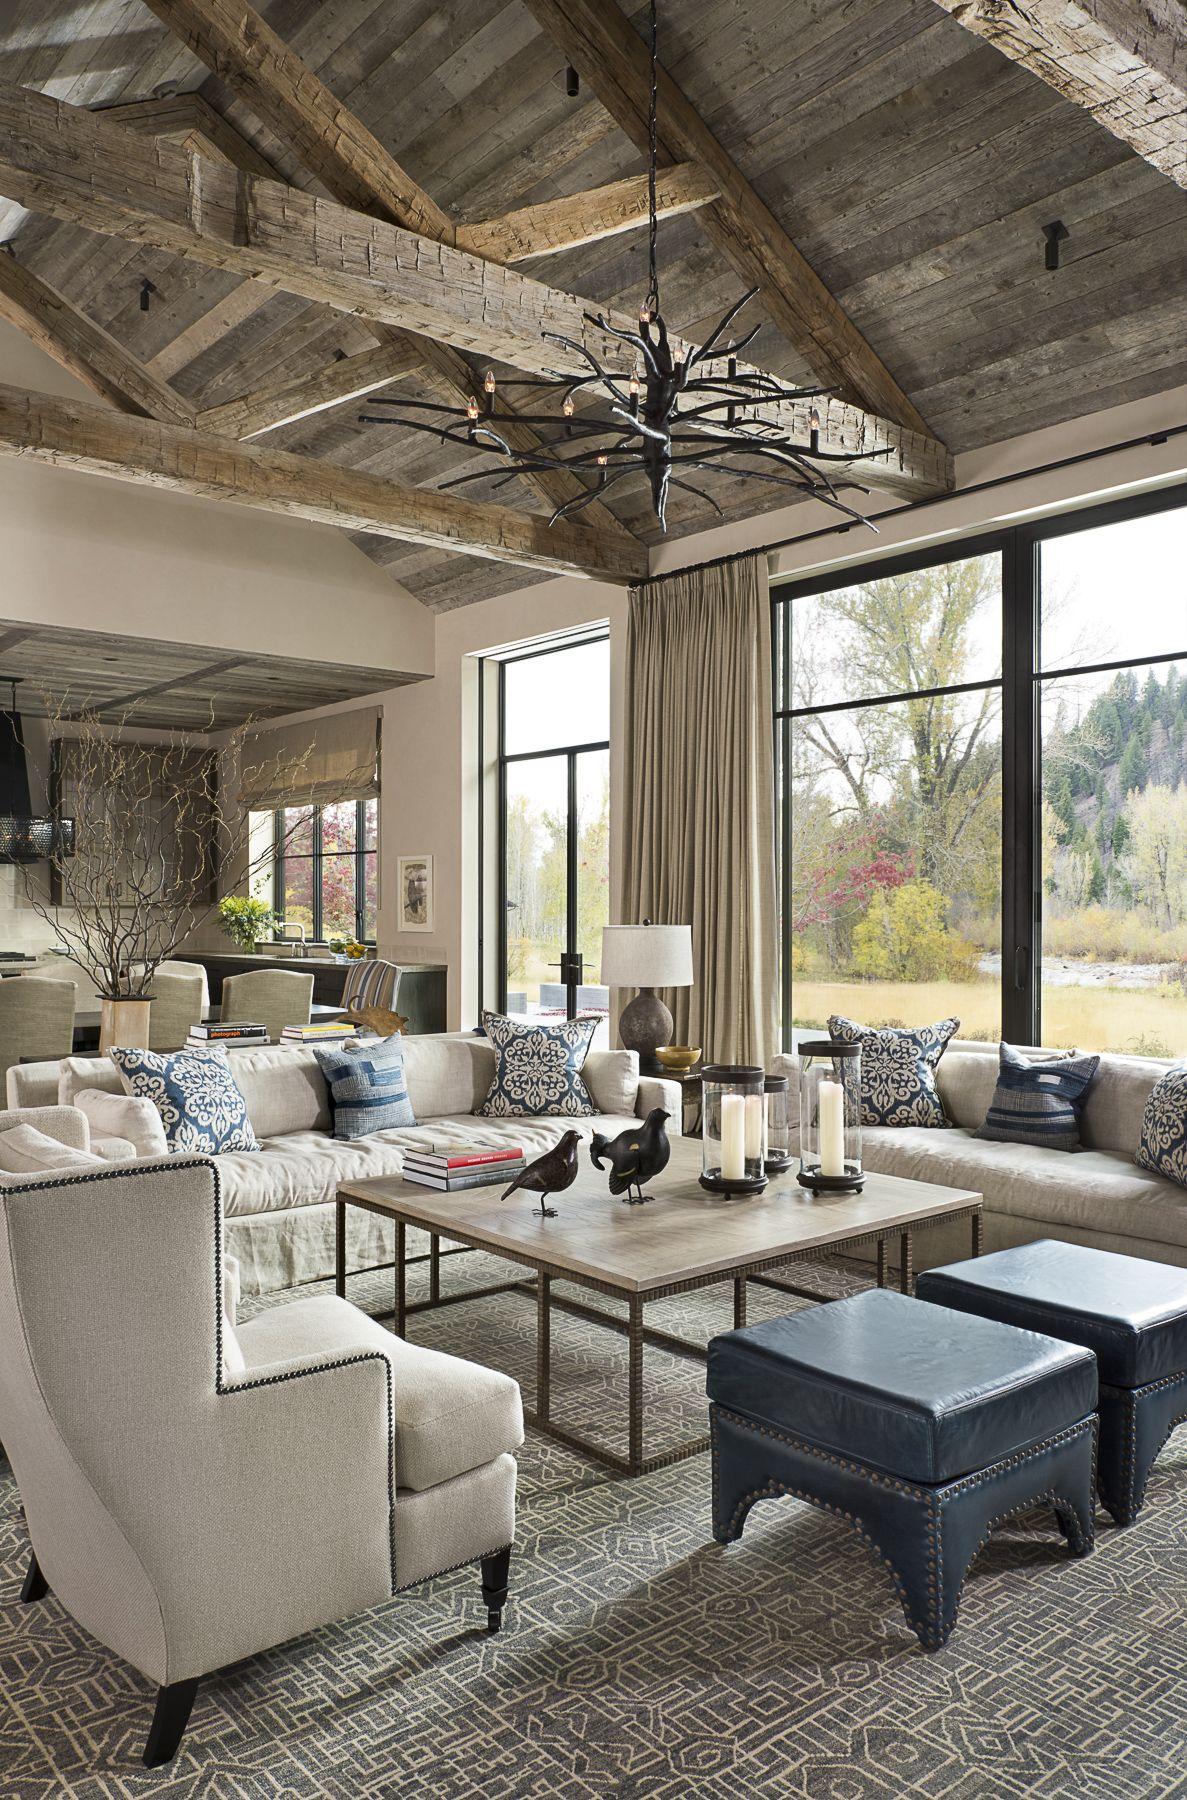 Arredamento Rustico Casa love the ceiling!!! jada windows thermally broken steel